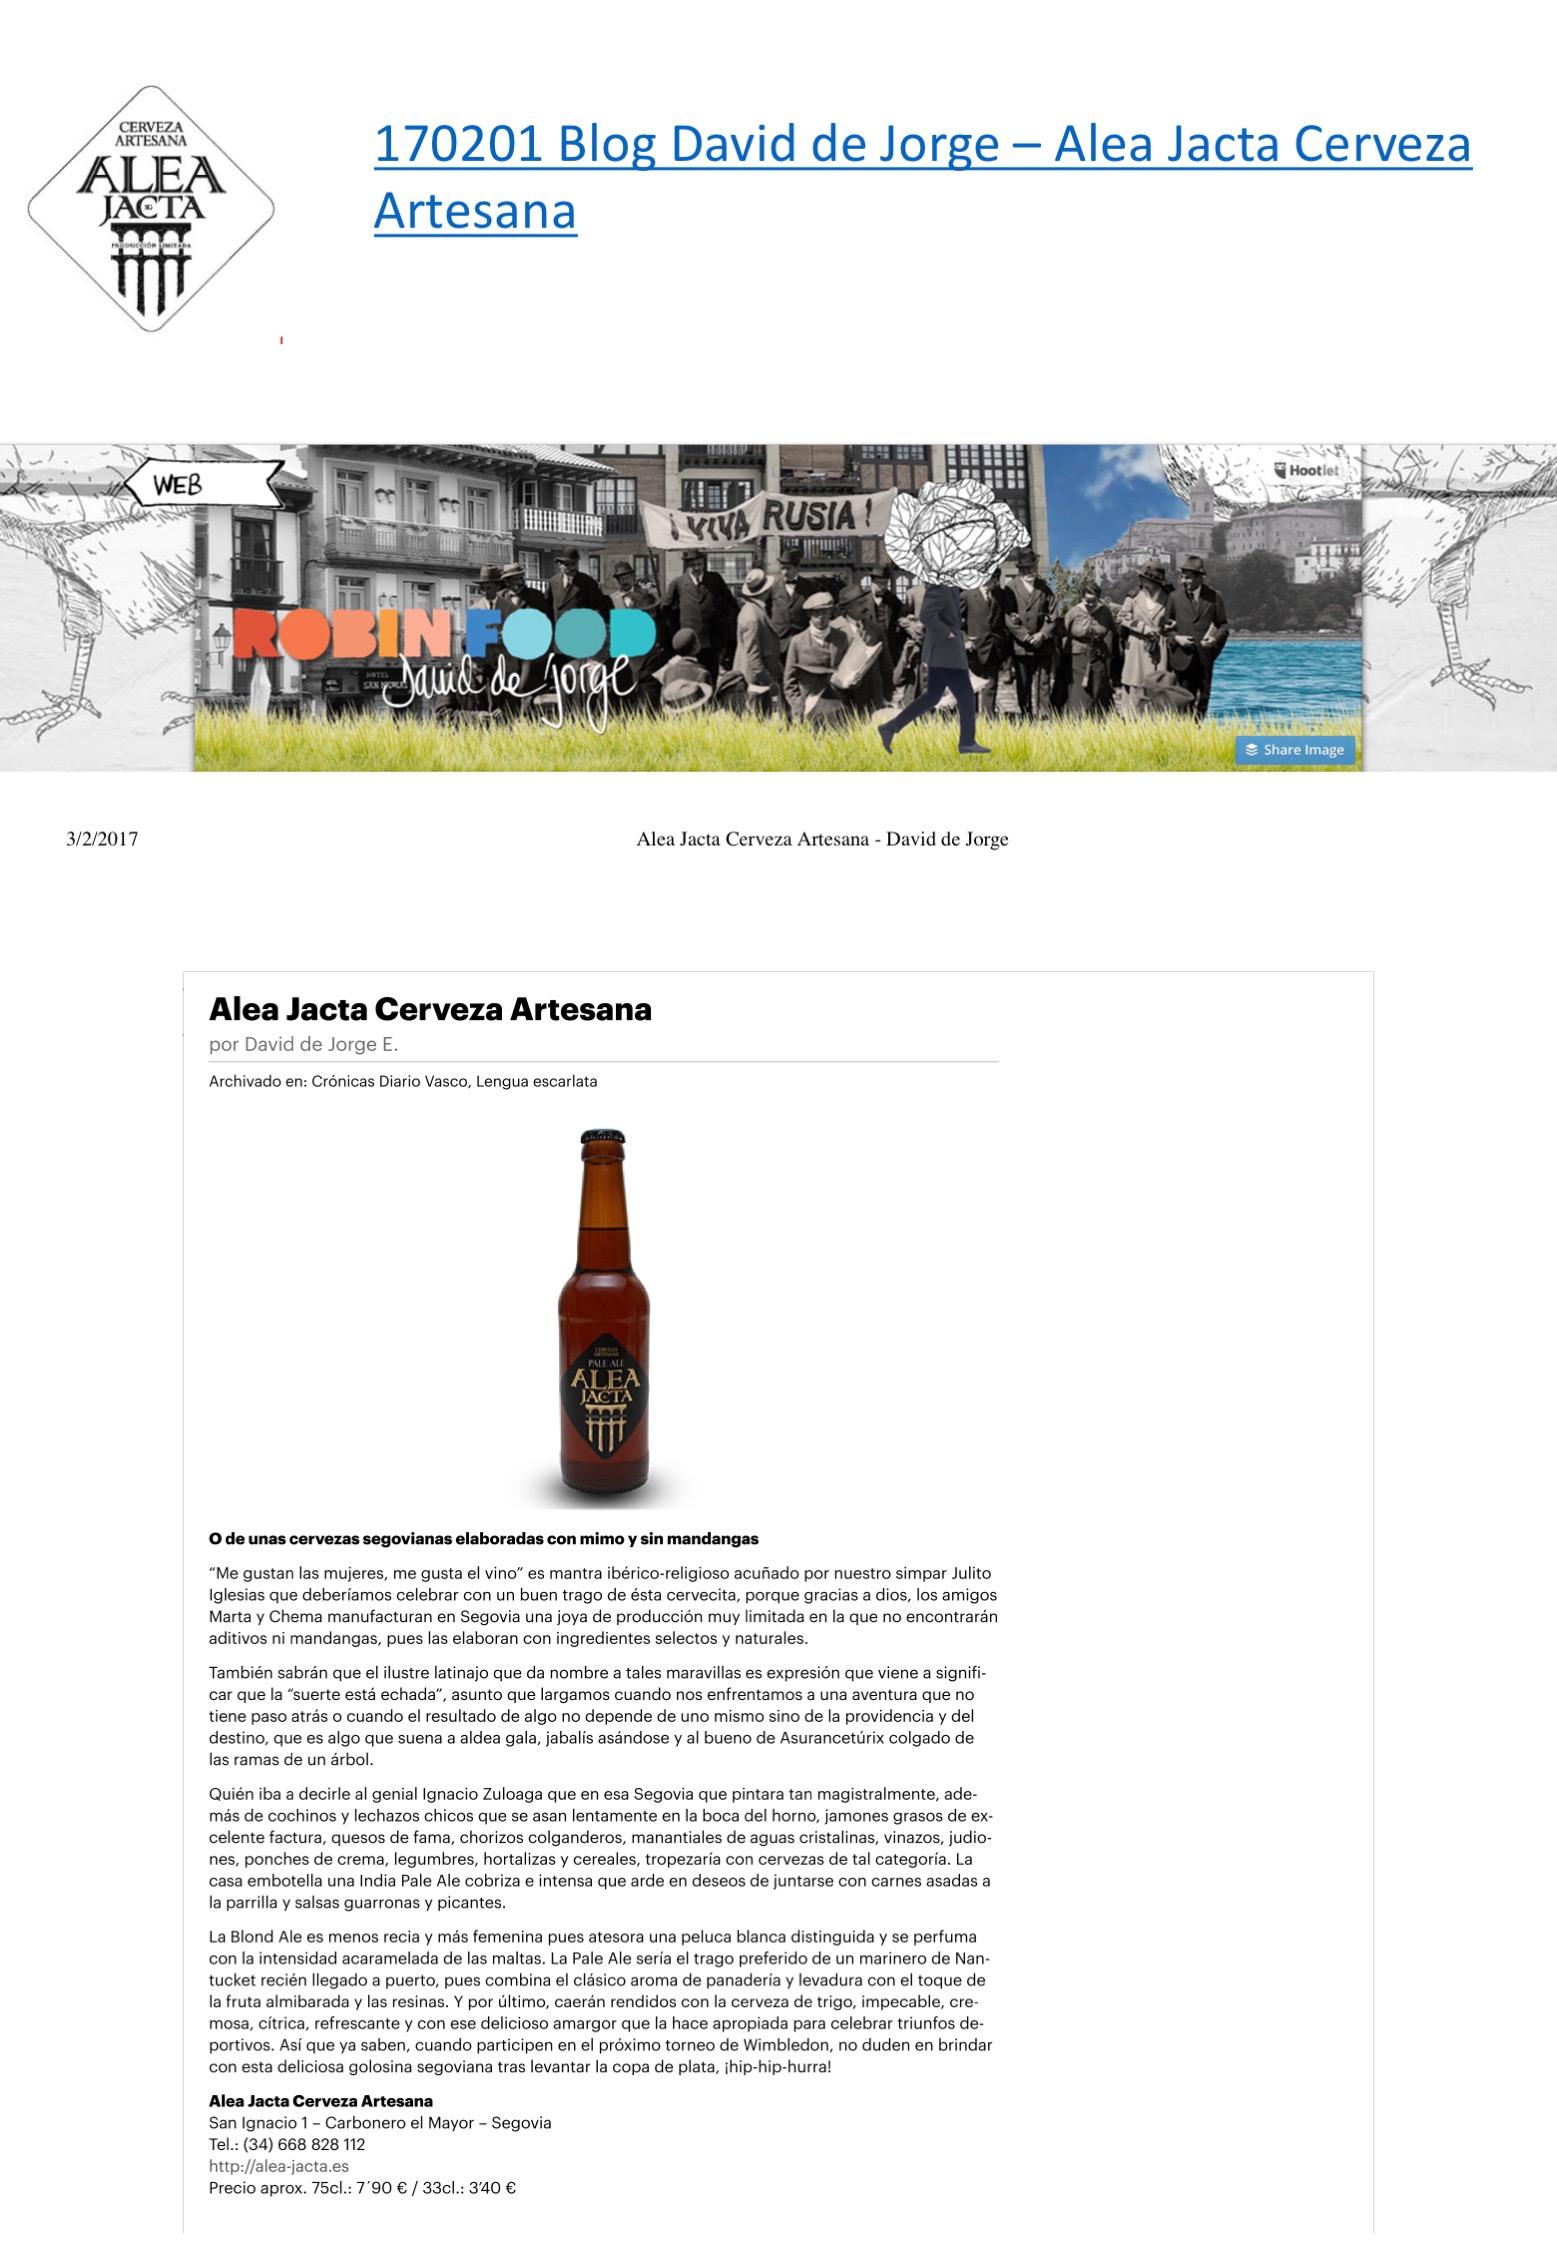 Alea Jacta Cerveza Artesana - David de Jorge